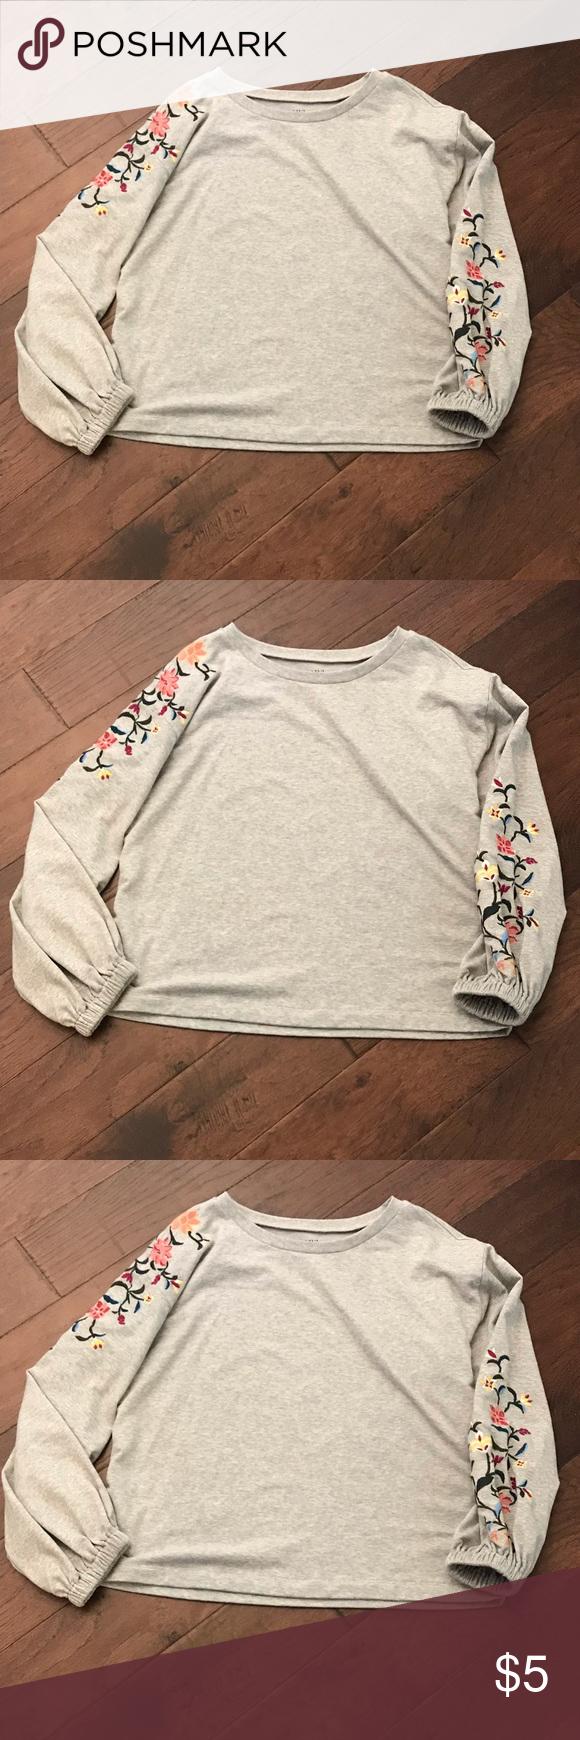 199539394cea8 A.N.A SzL Appliqué Shirt Fun